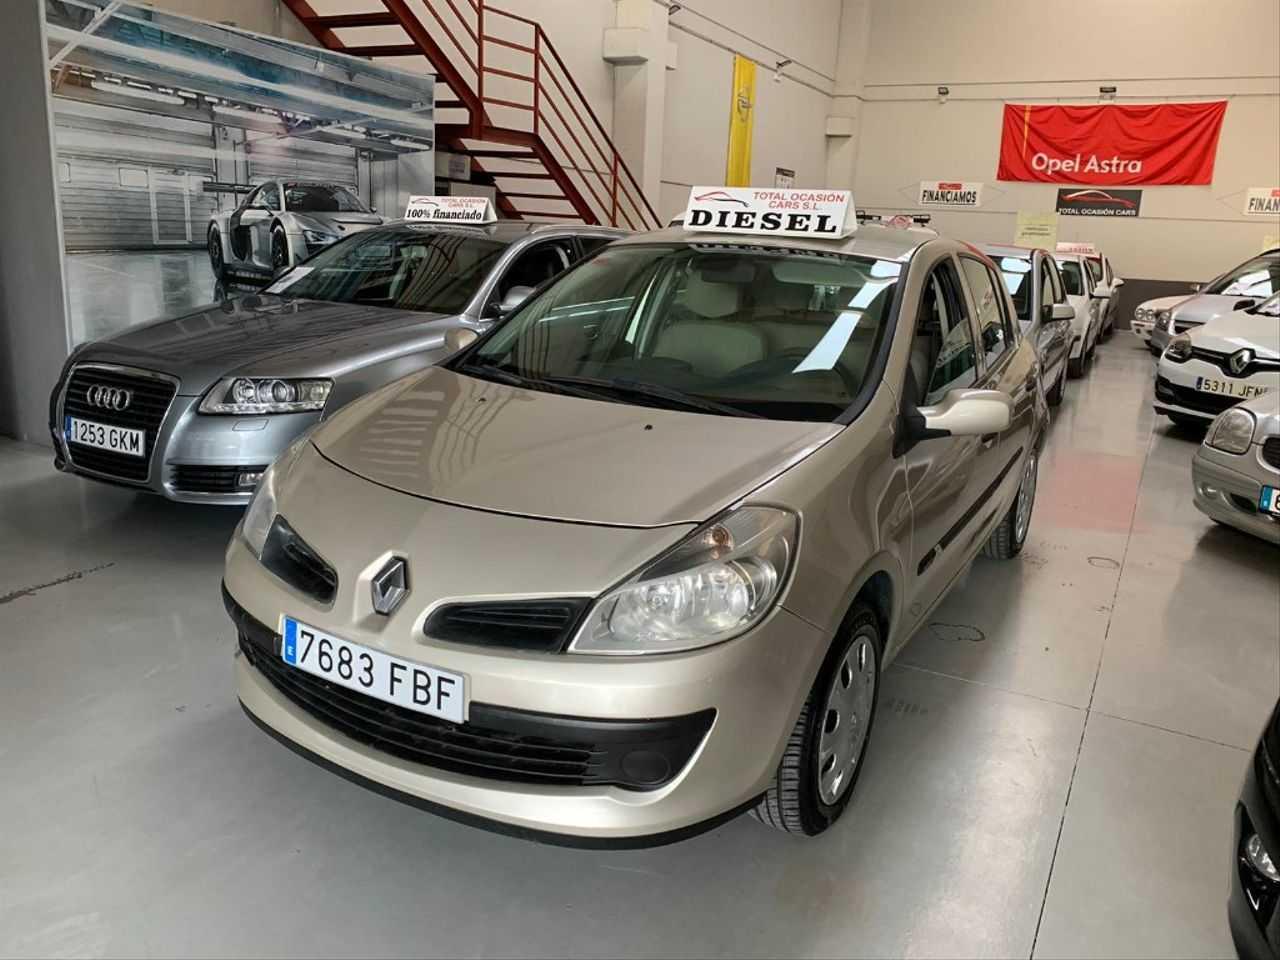 Renault Clio RENAULT CLIO 1.5 DCI   - Foto 1